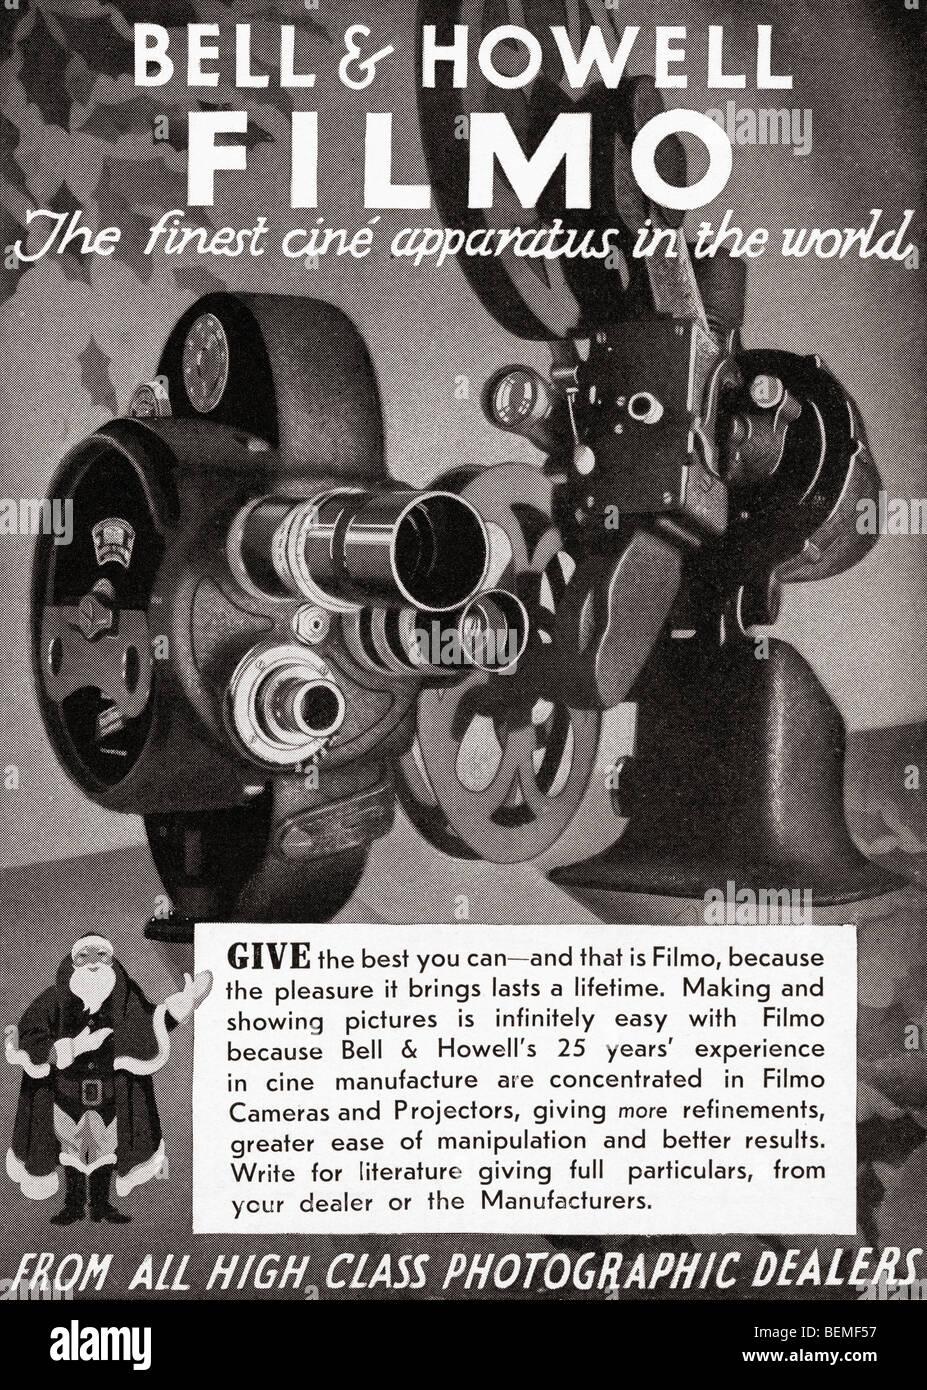 1930 Anuncio para la campana y Howell filmo la cámara de cine. Desde el Illustrated London News, número Imagen De Stock